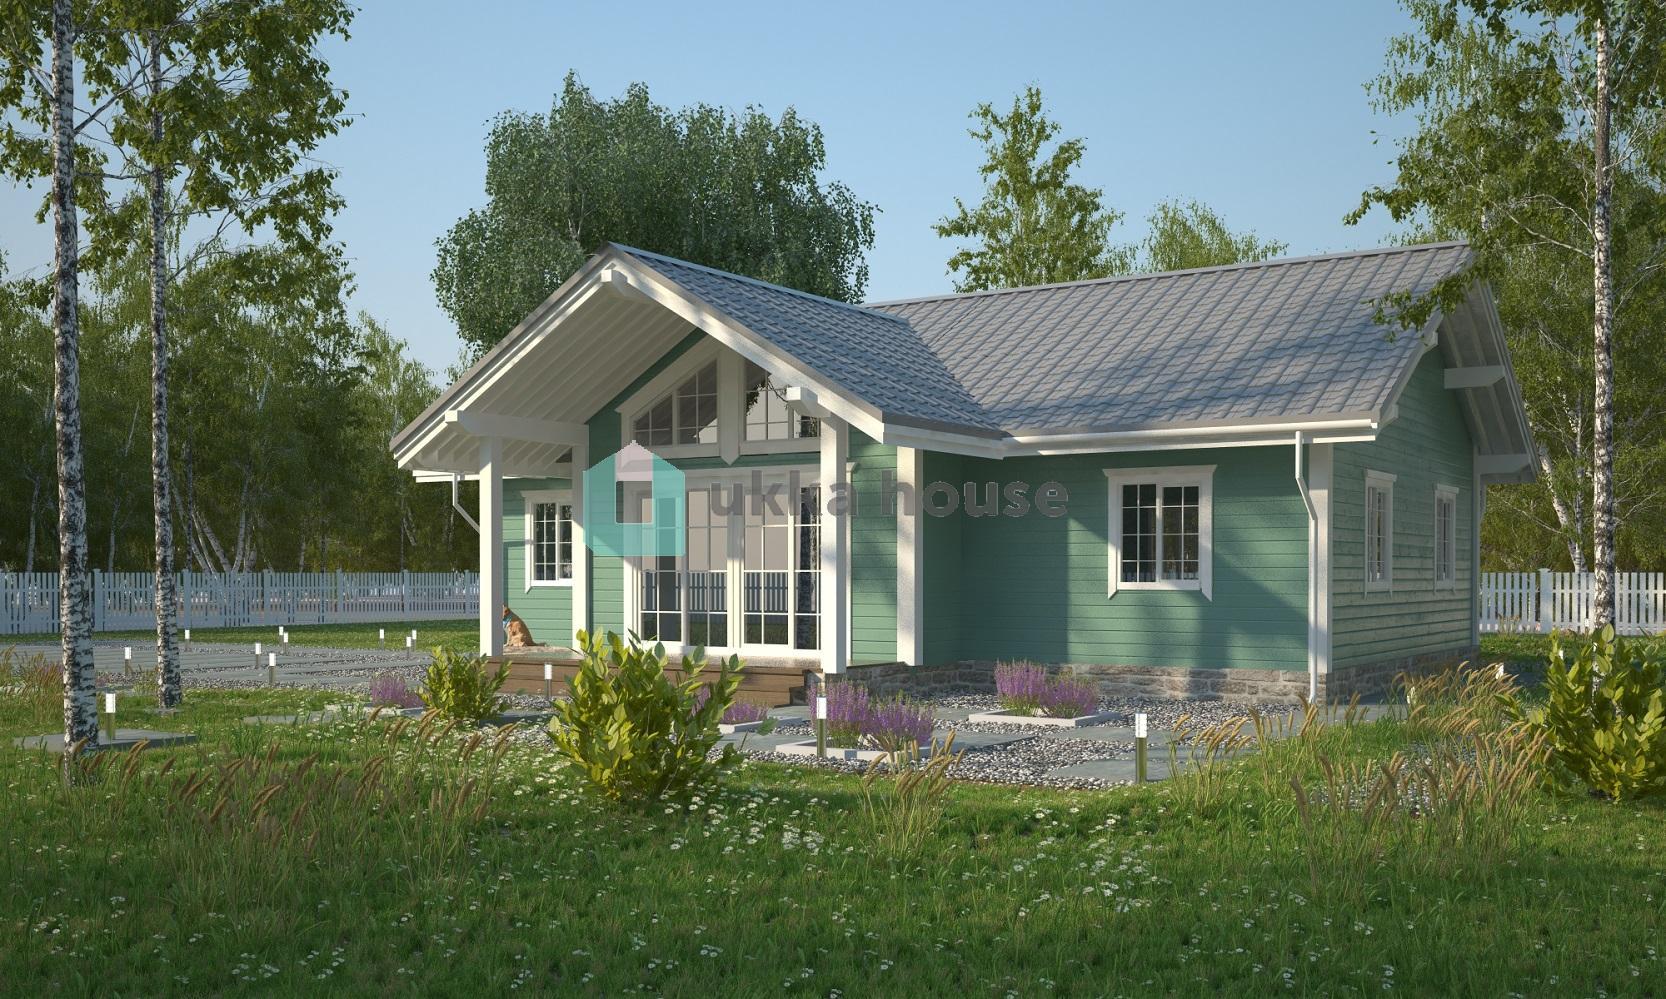 Проект «Строительство каркасных домов Спб, небольшой коттедж в скандинавском стиле - Конти»